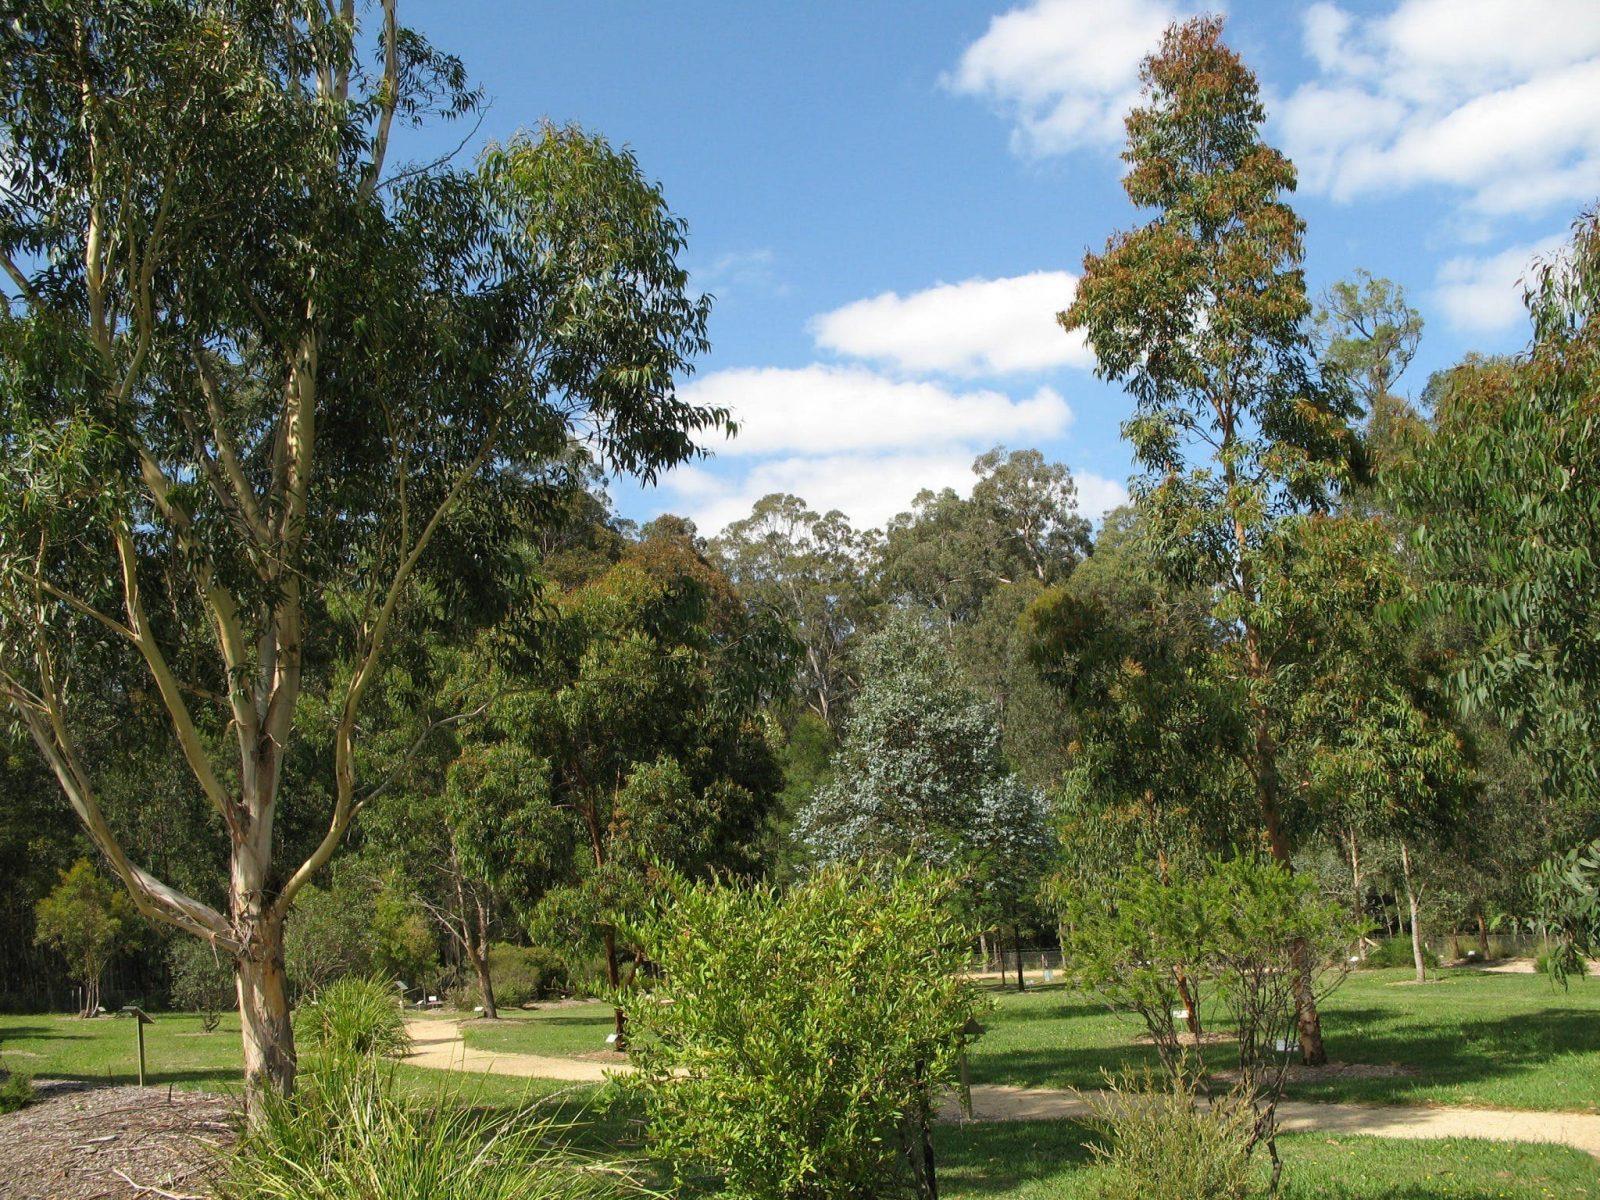 arborium